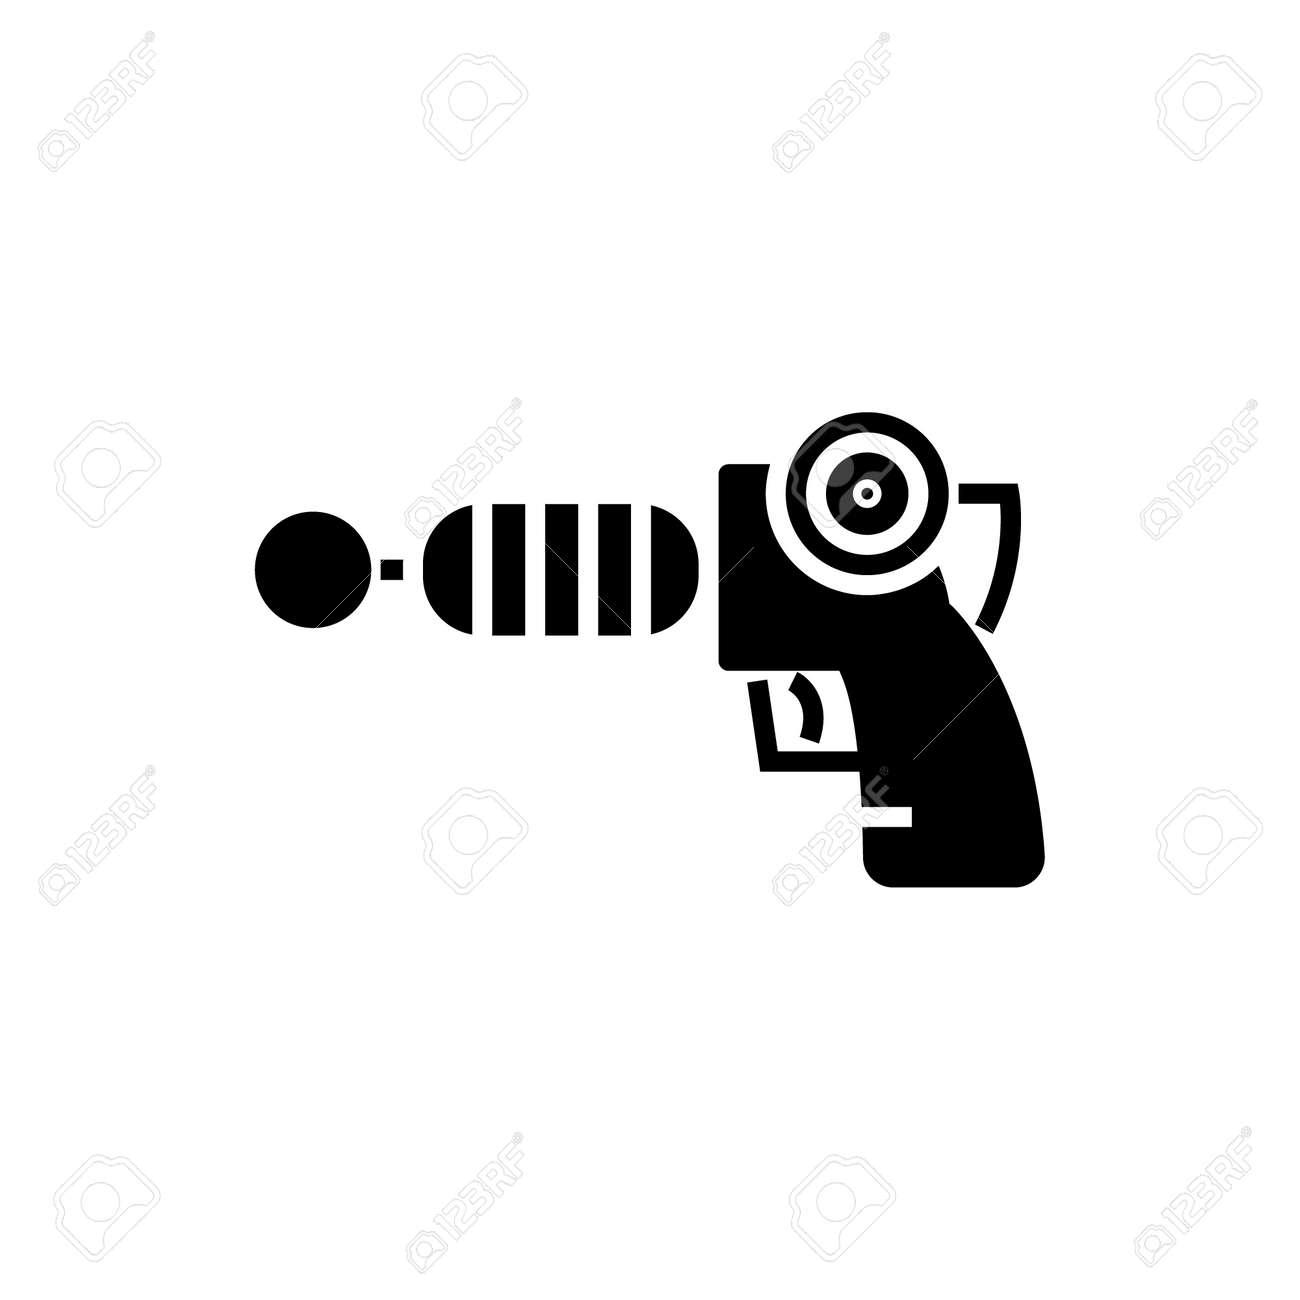 銃プラズマ スター ウォーズのアイコンイラストベクトルに孤立